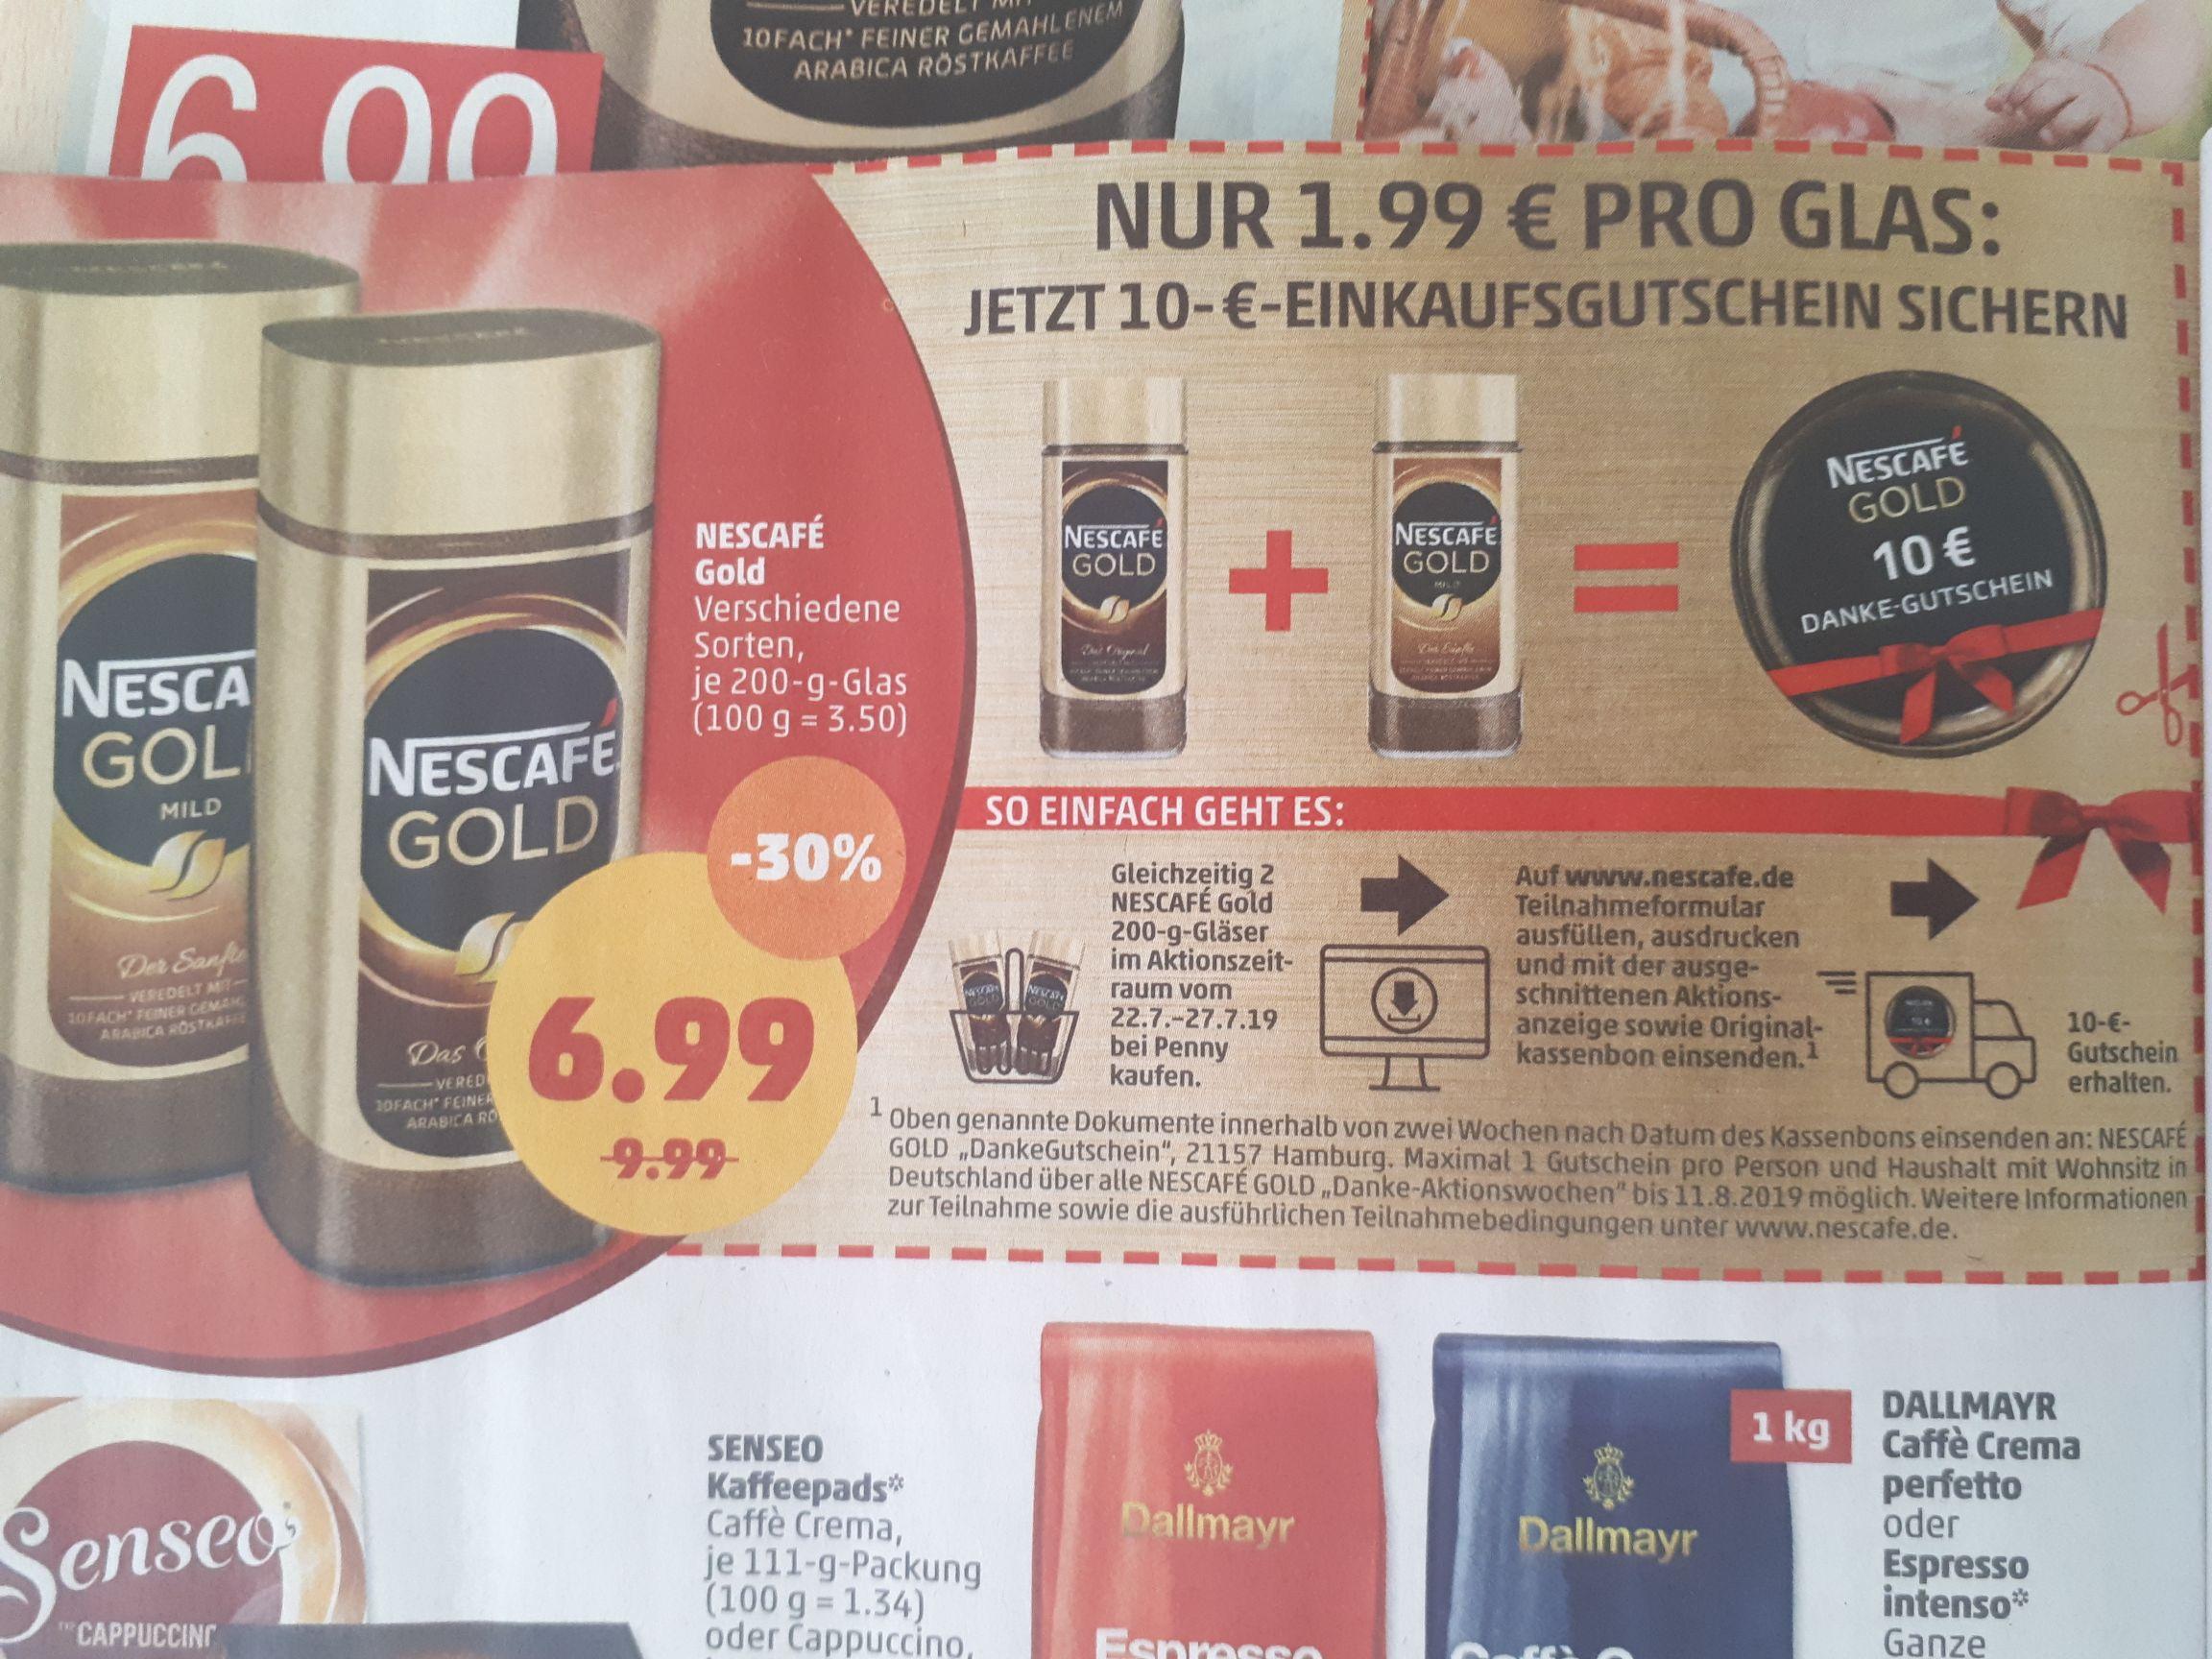 (Penny) 2 Nescafé Gold kaufen (13,98€+80ct Porto) und 10€ Einkaufsgutschein erhalten